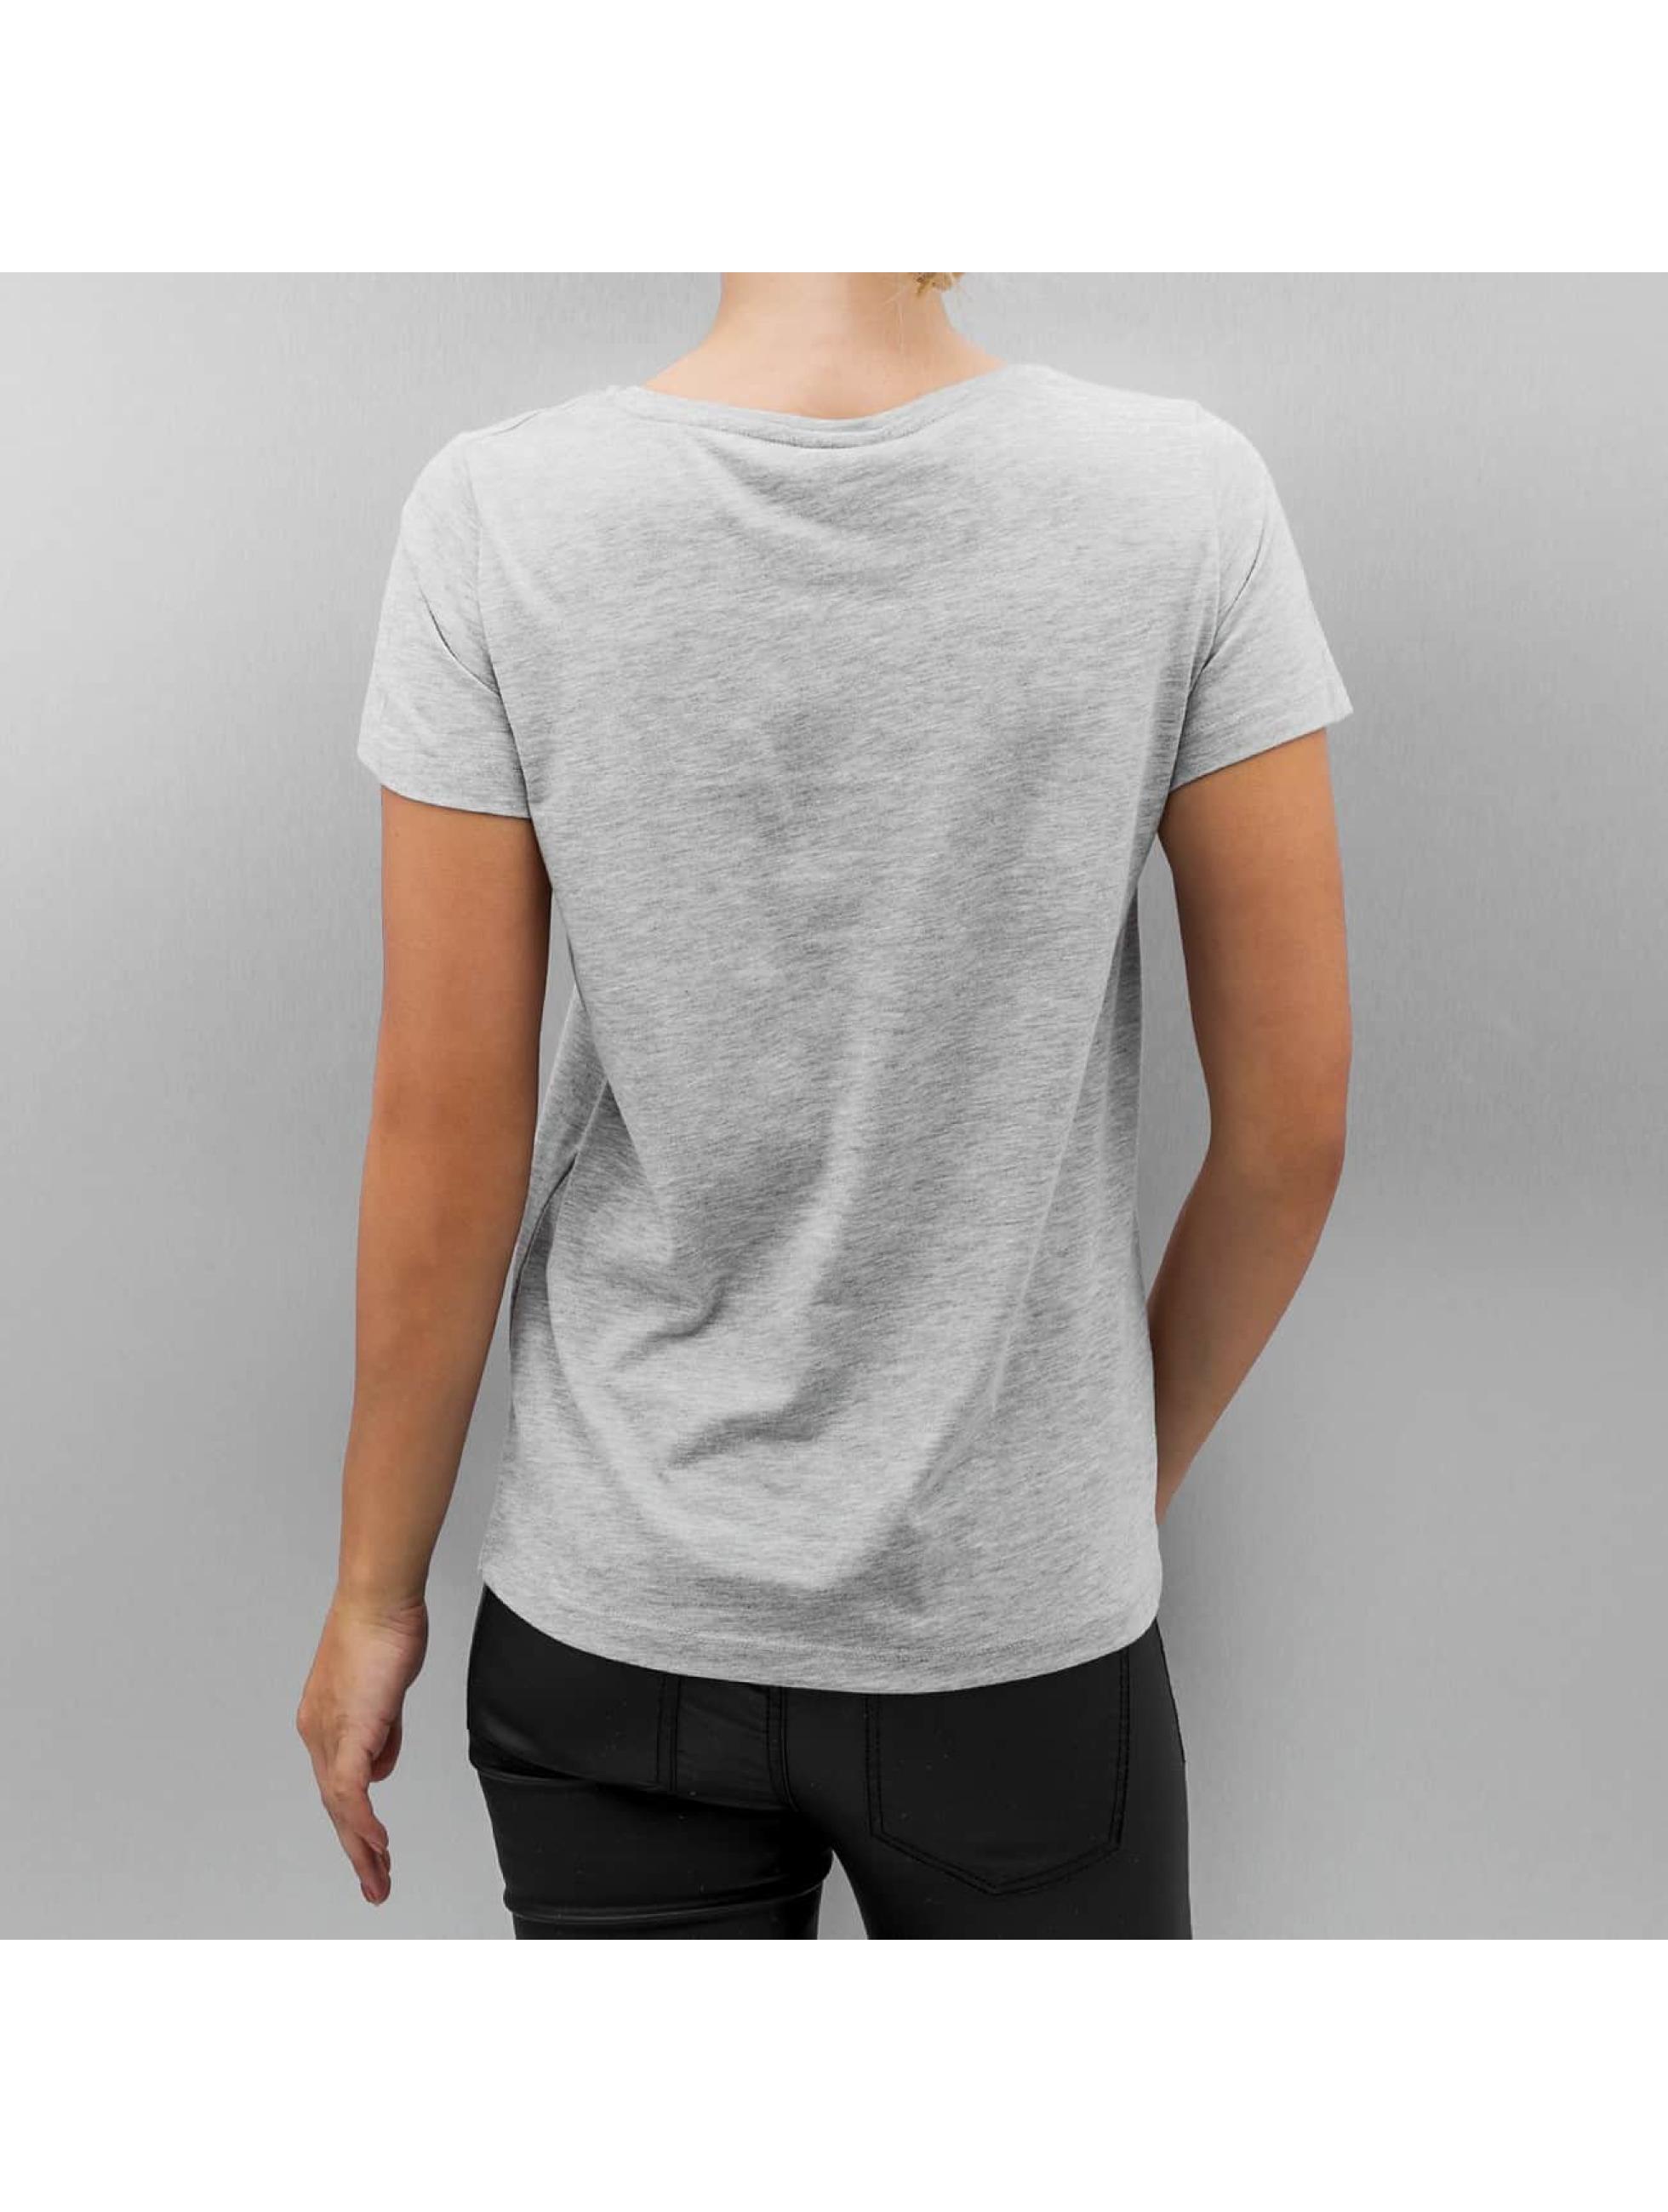 Vero Moda Tričká VmMy šedá